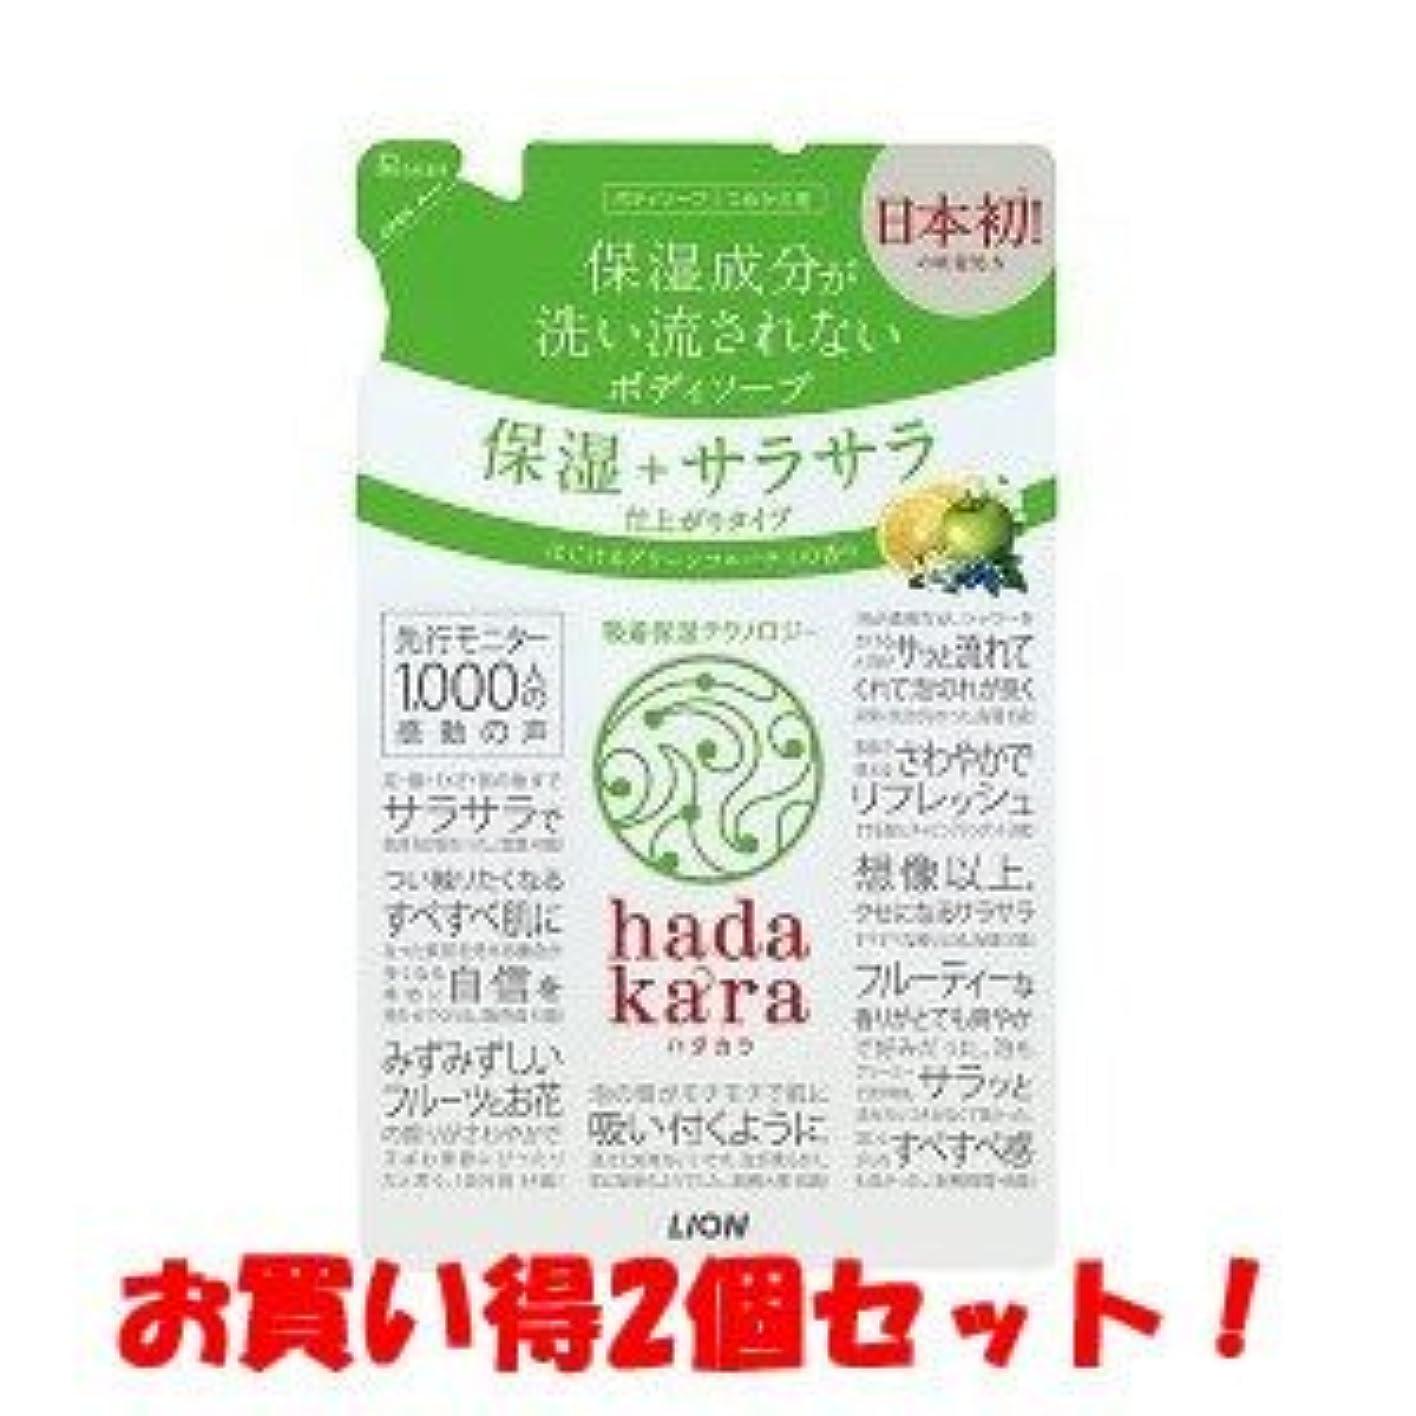 推進軍団クルーズ(2017年新商品)(ライオン)hadakara(ハダカラ) ボディソープ 保湿+サラサラ仕上がりタイプ グリーンフルーティの香り つめかえ用 340ml(お買い得2個セット)